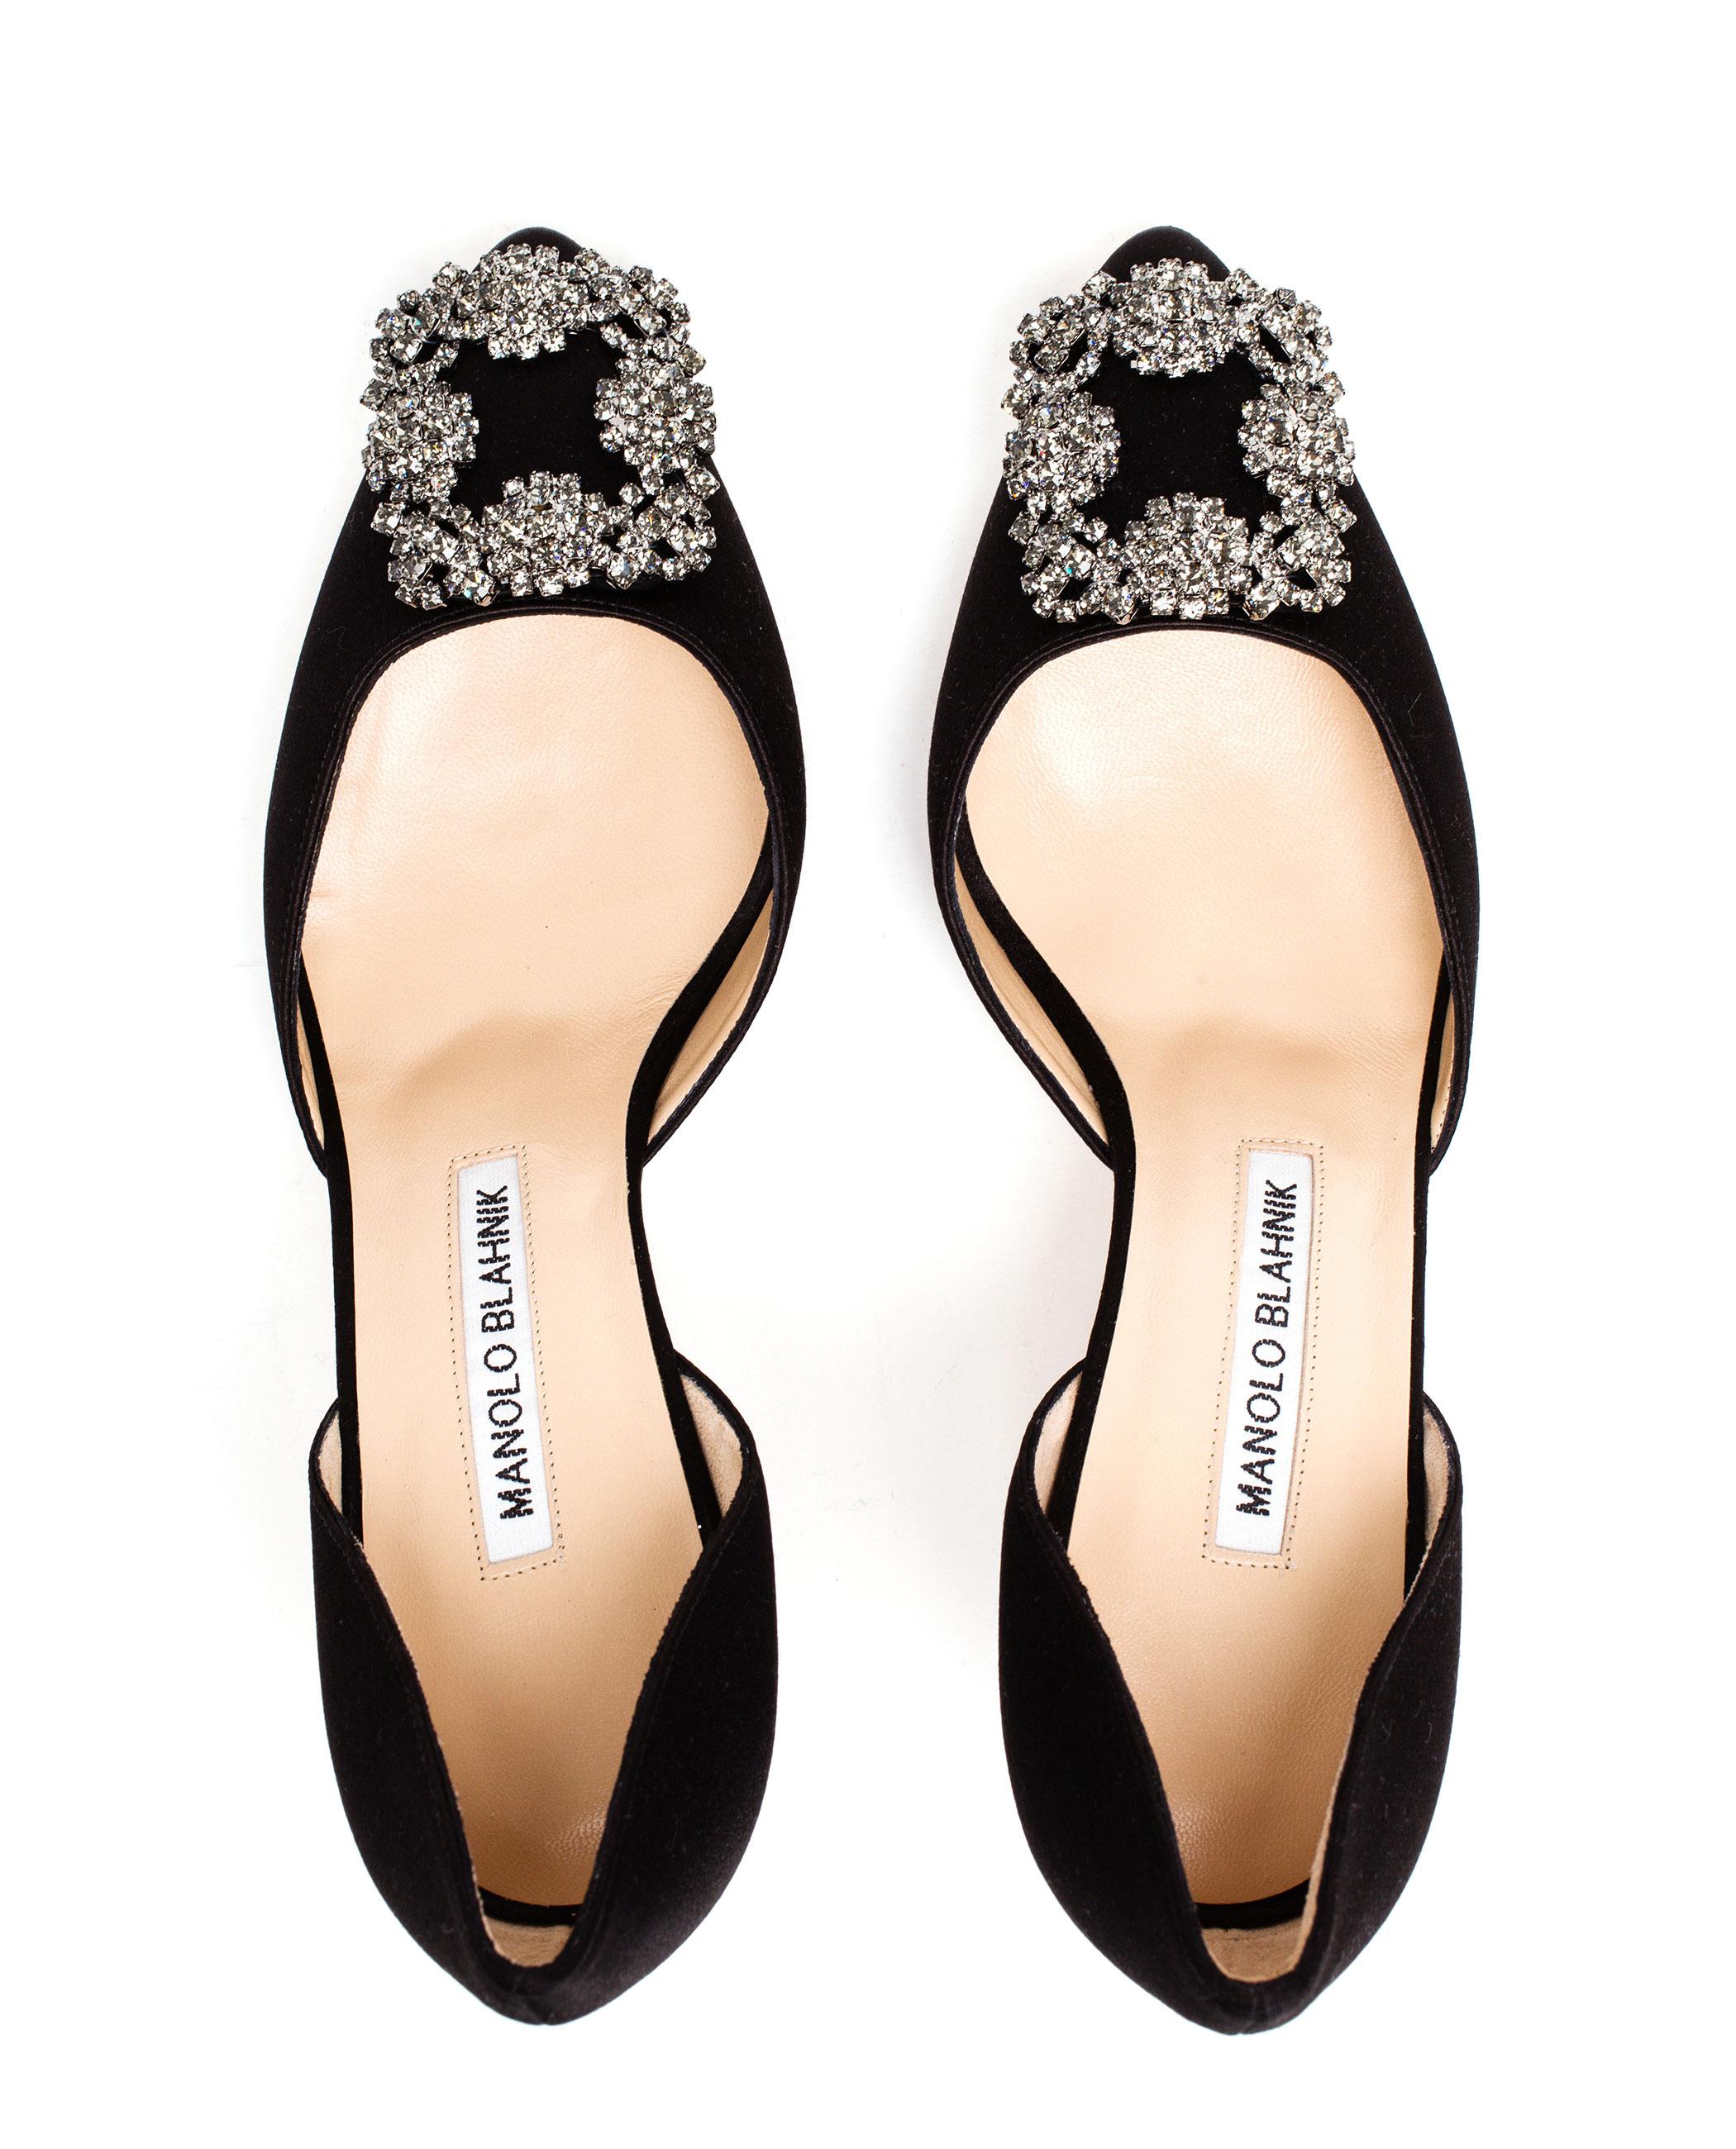 3912185e326 manolo blahnik crystal embellished satin mid heels golden   Dr Döman